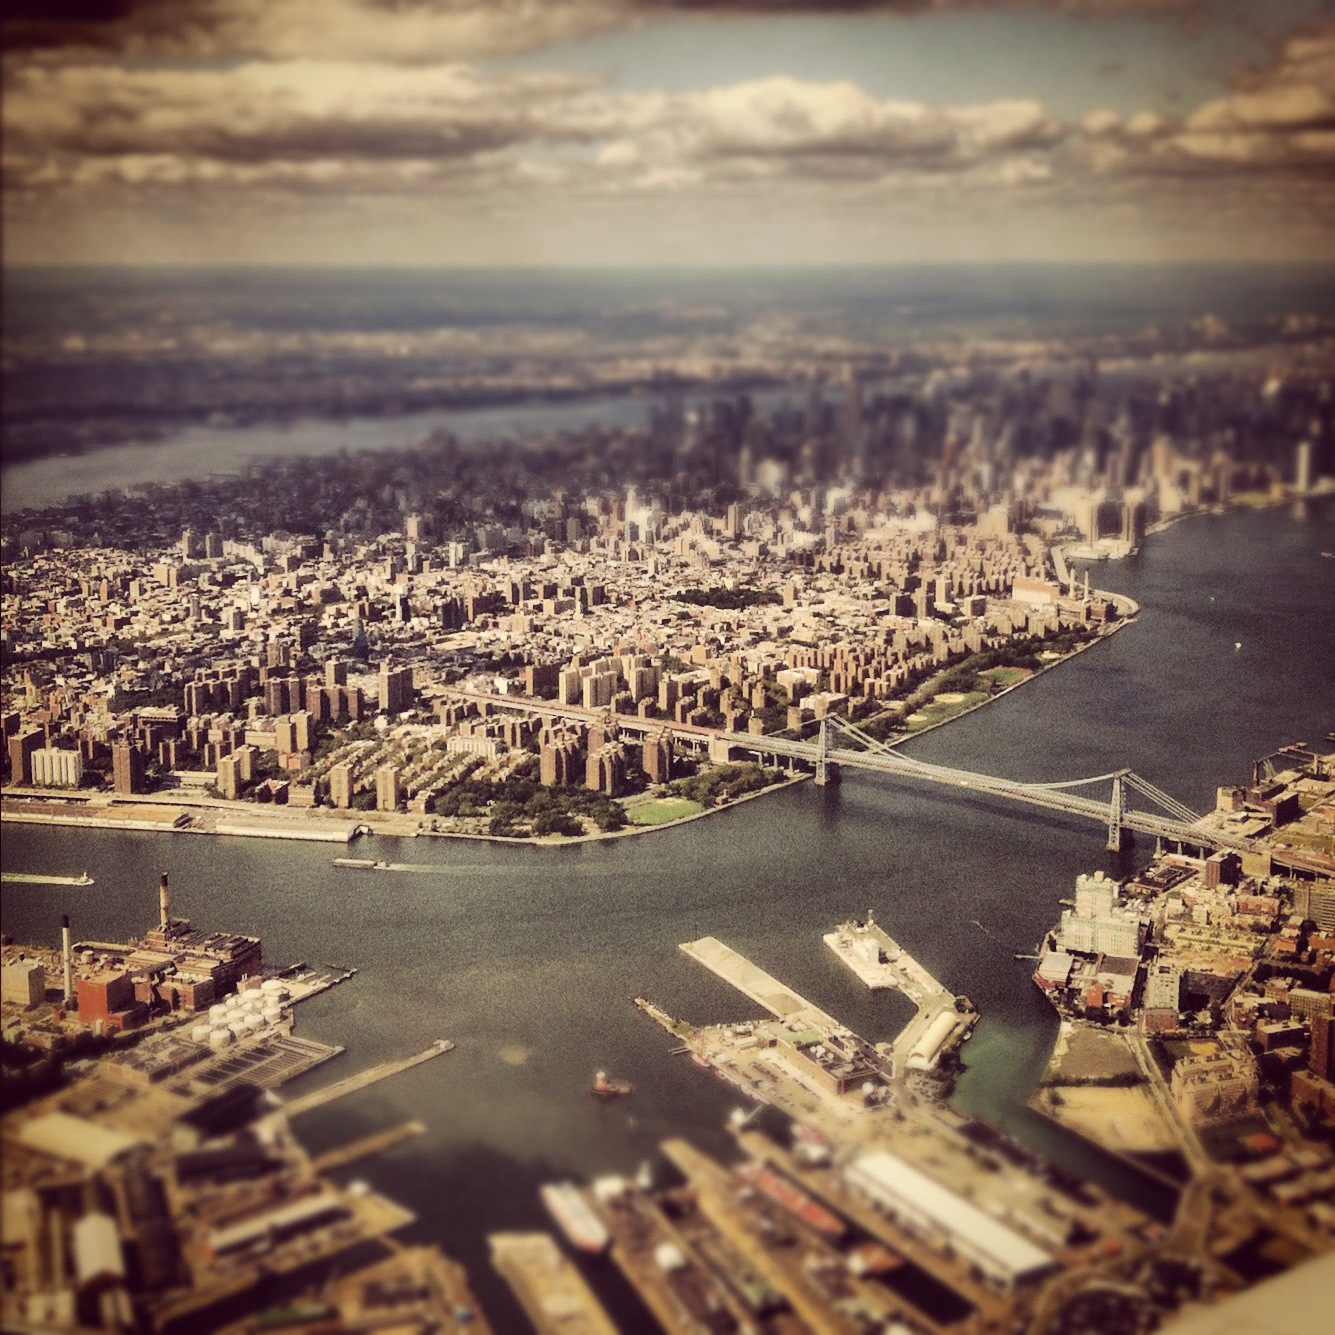 skyline photo, manhattan, nyc, new york city, instagram photo, tiltshift